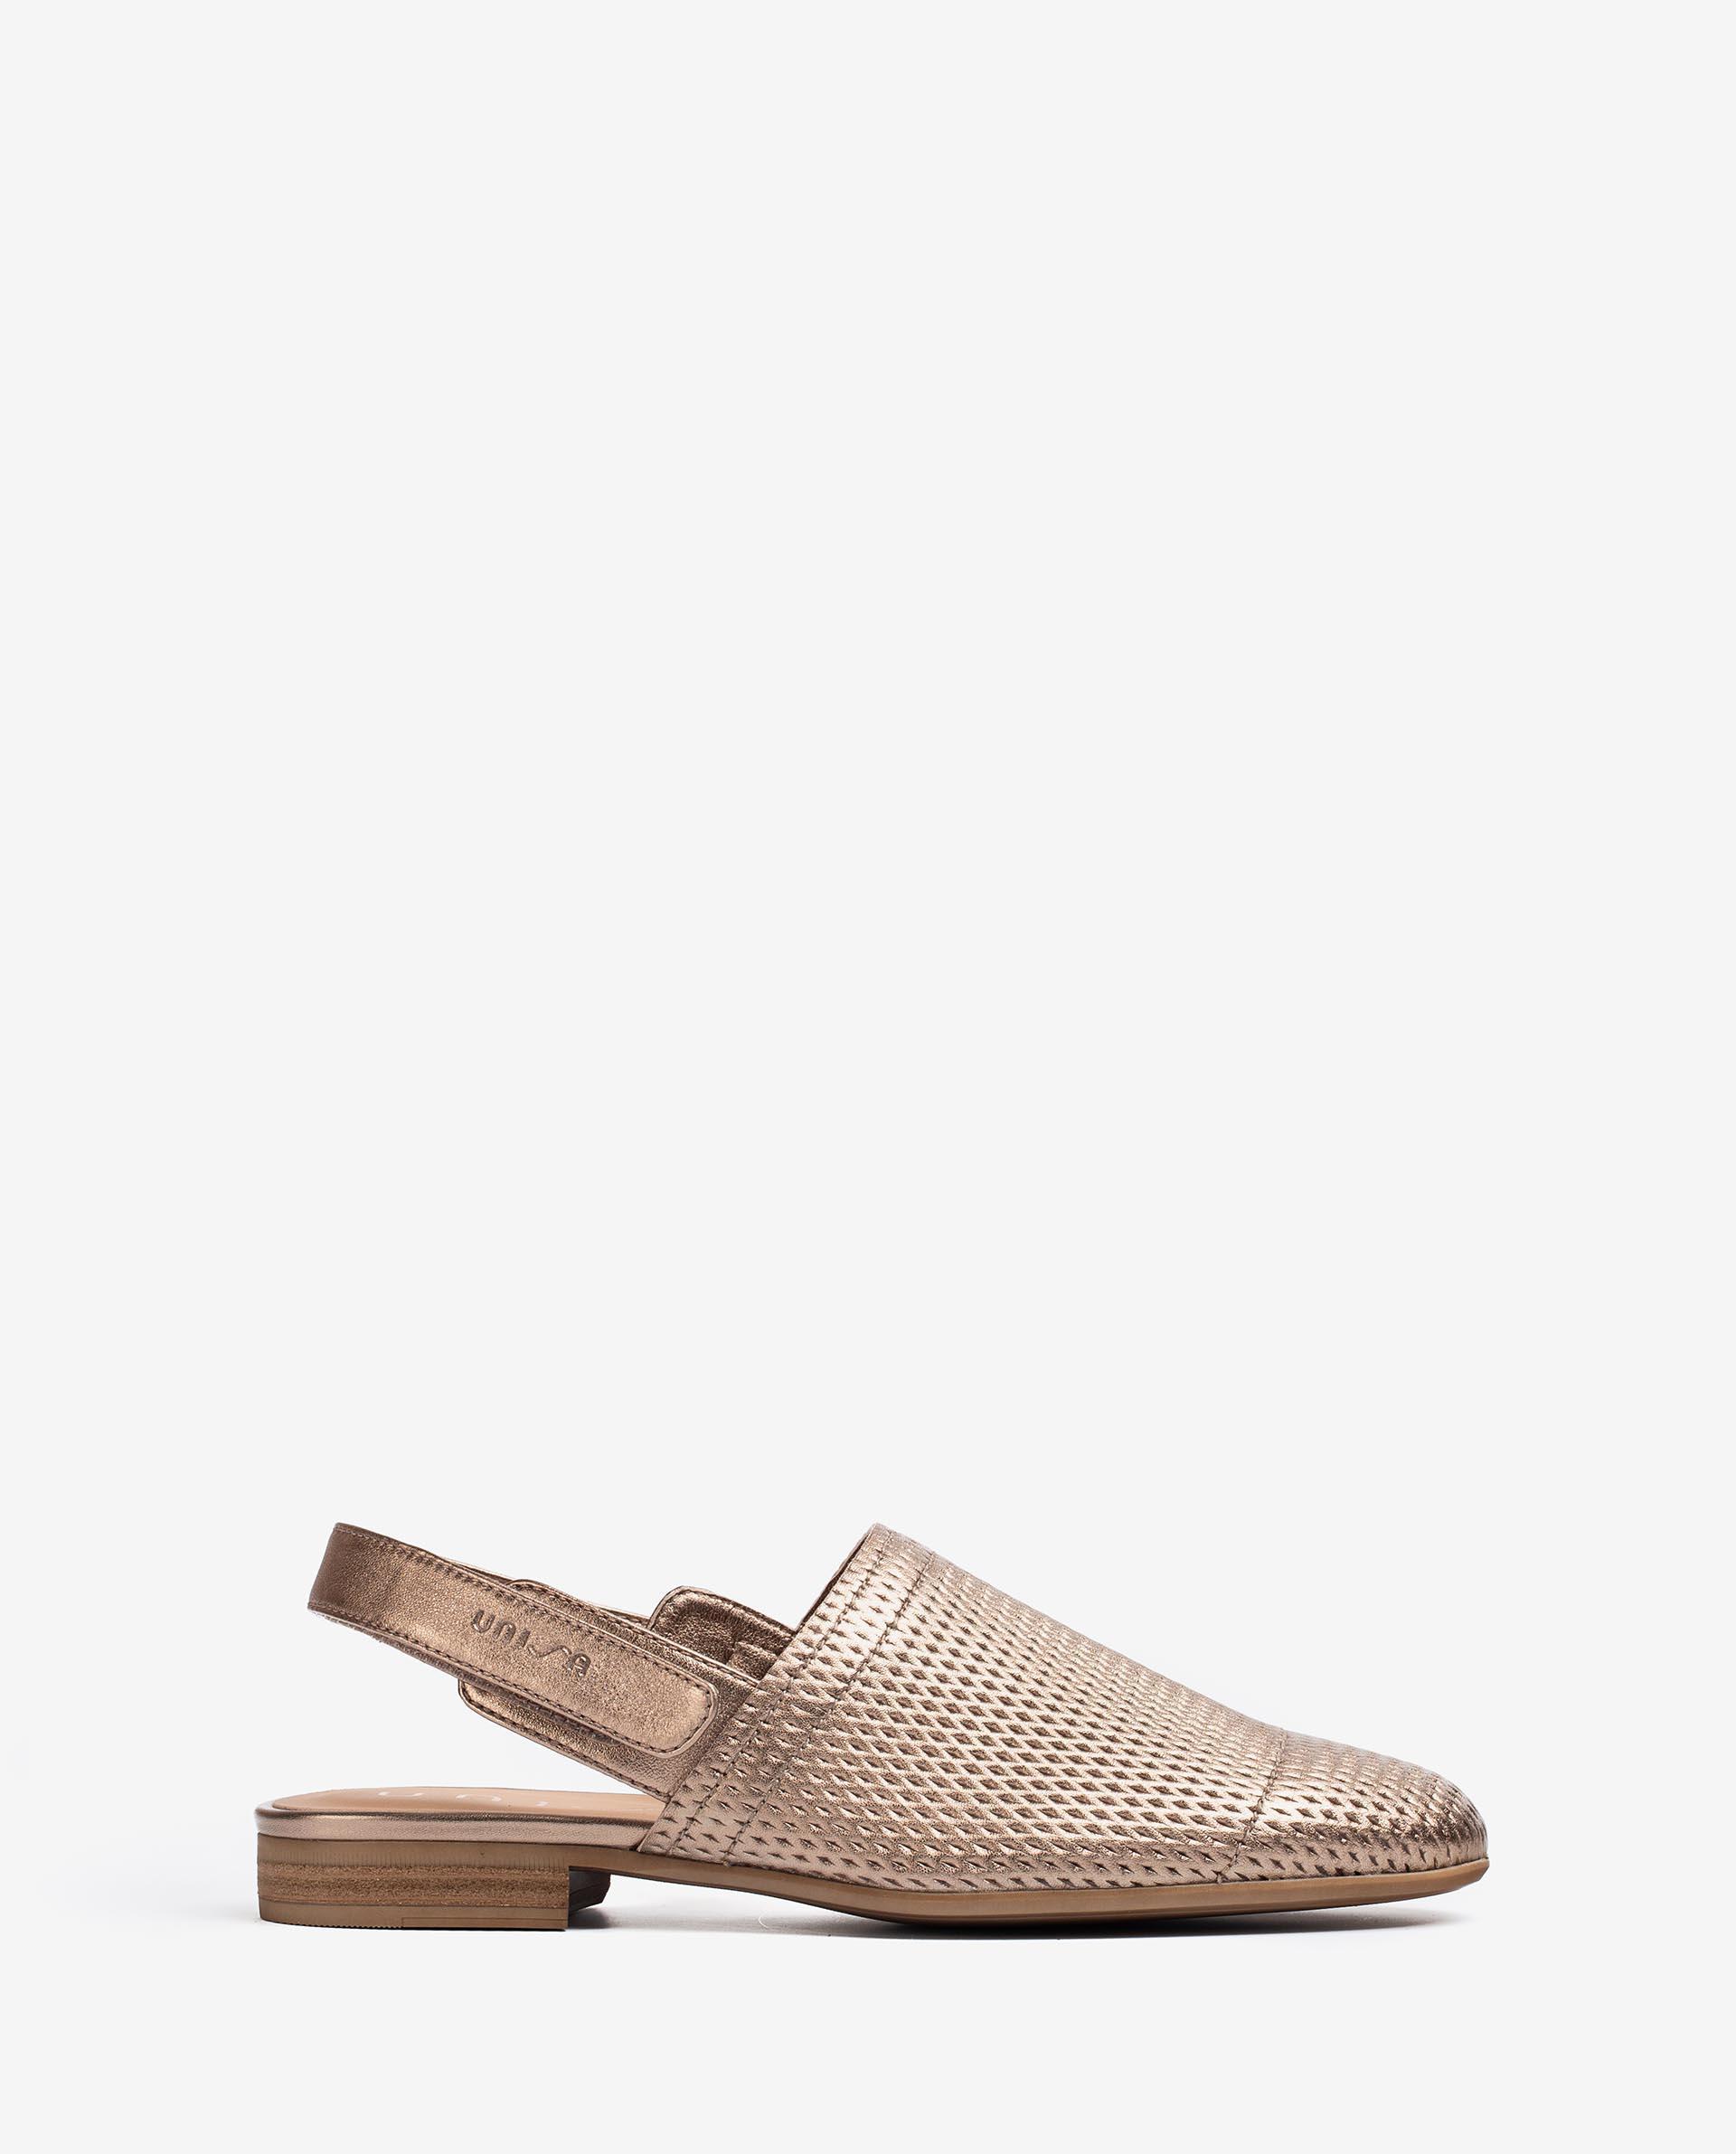 UNISA Chaussure ouverte à l'arrière en cuir effet métallisé  DAFROS_LMT 3